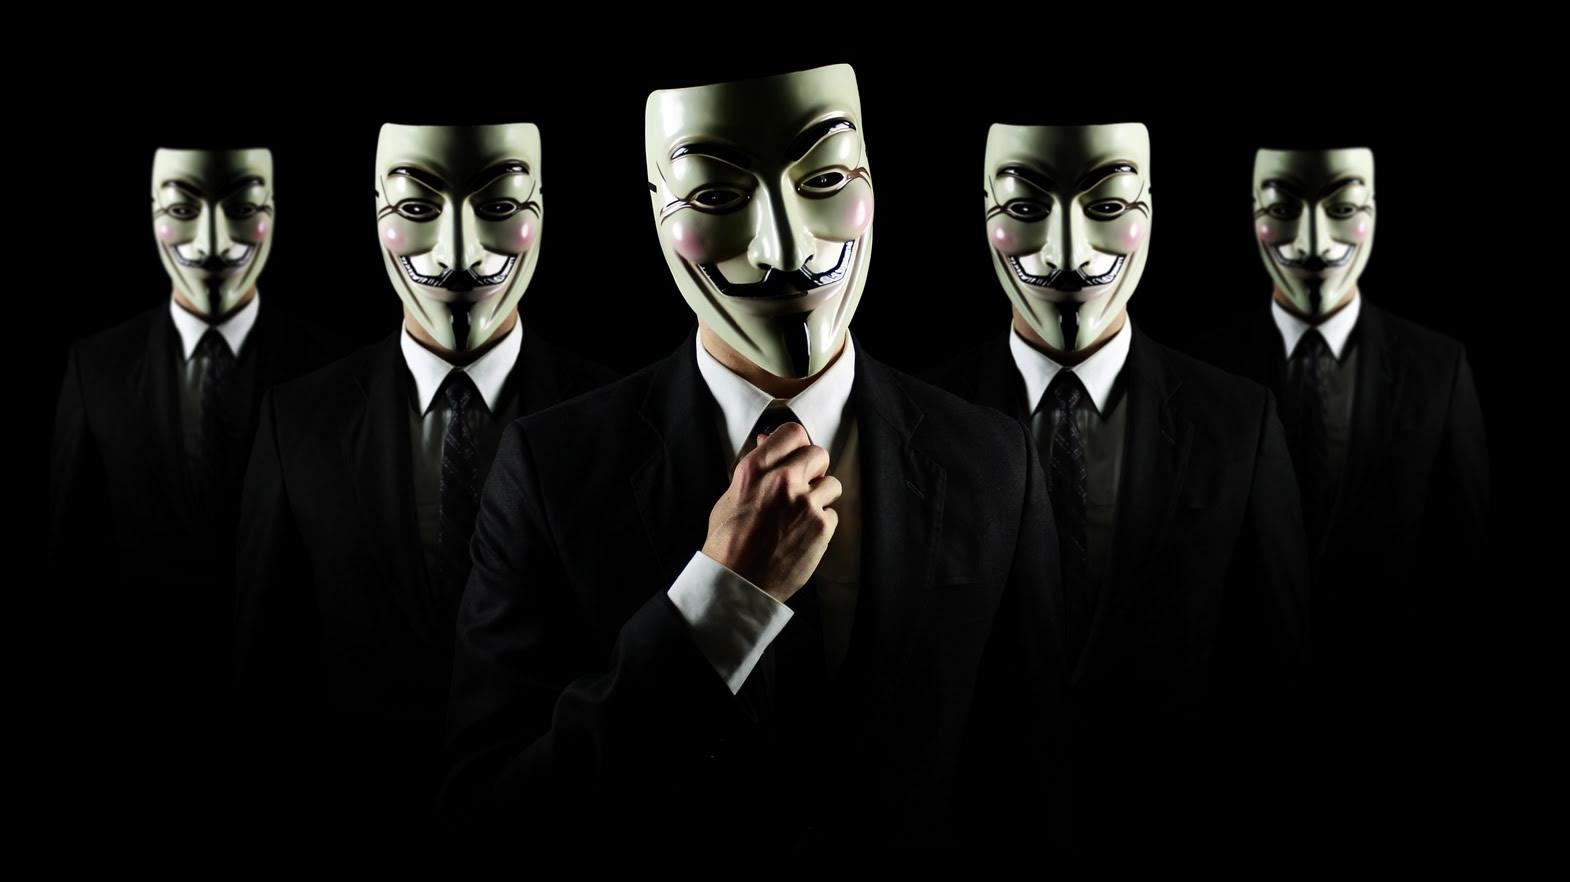 Zdjecie pieciu mezczyzn ubranych w czarne garnitury z bialymi maskami na twarzy